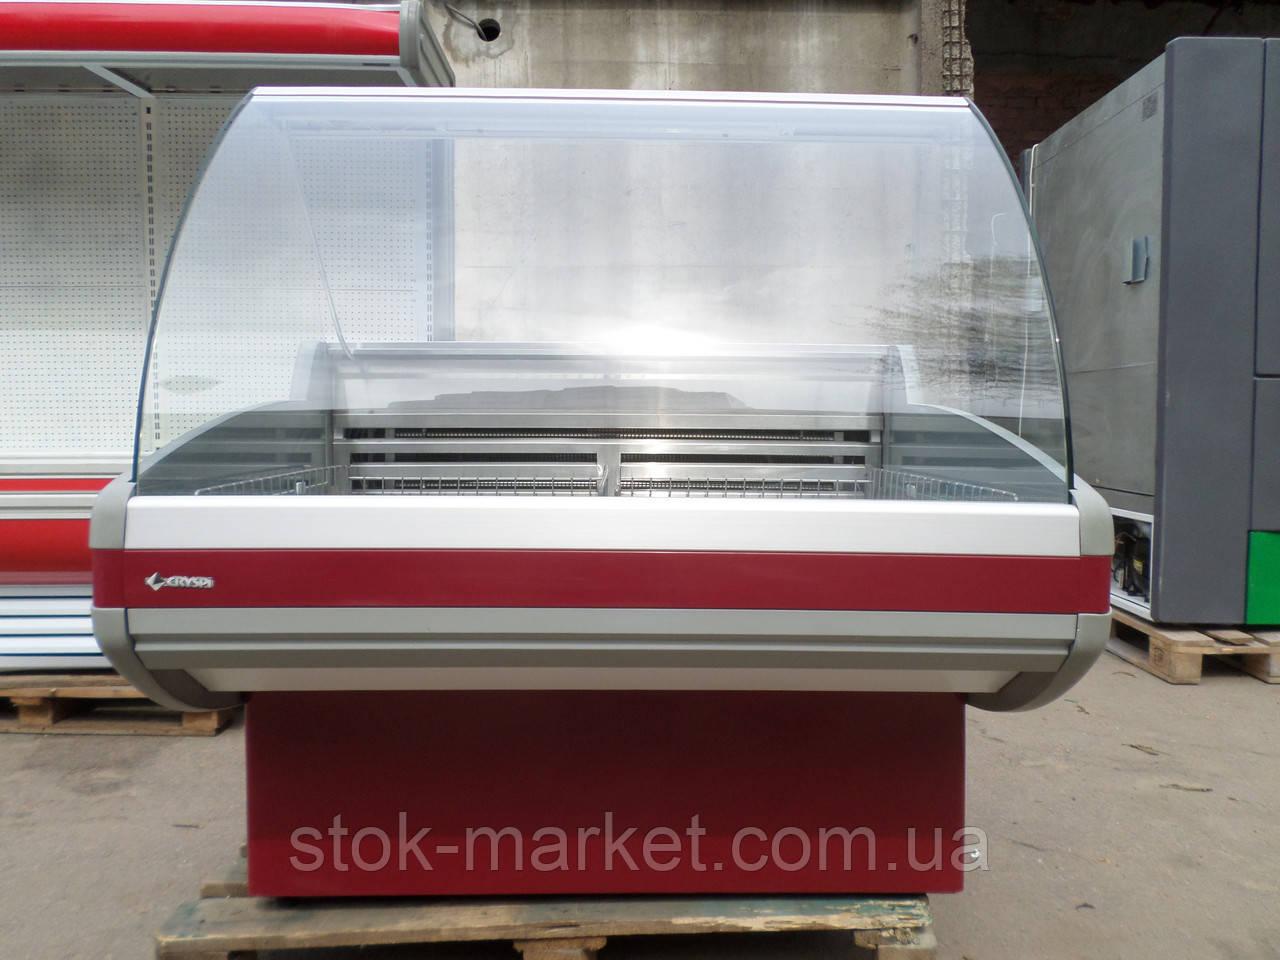 Морозильная витрина Cryspi Gamma 1200 б/у, прилавок морозильный б у.